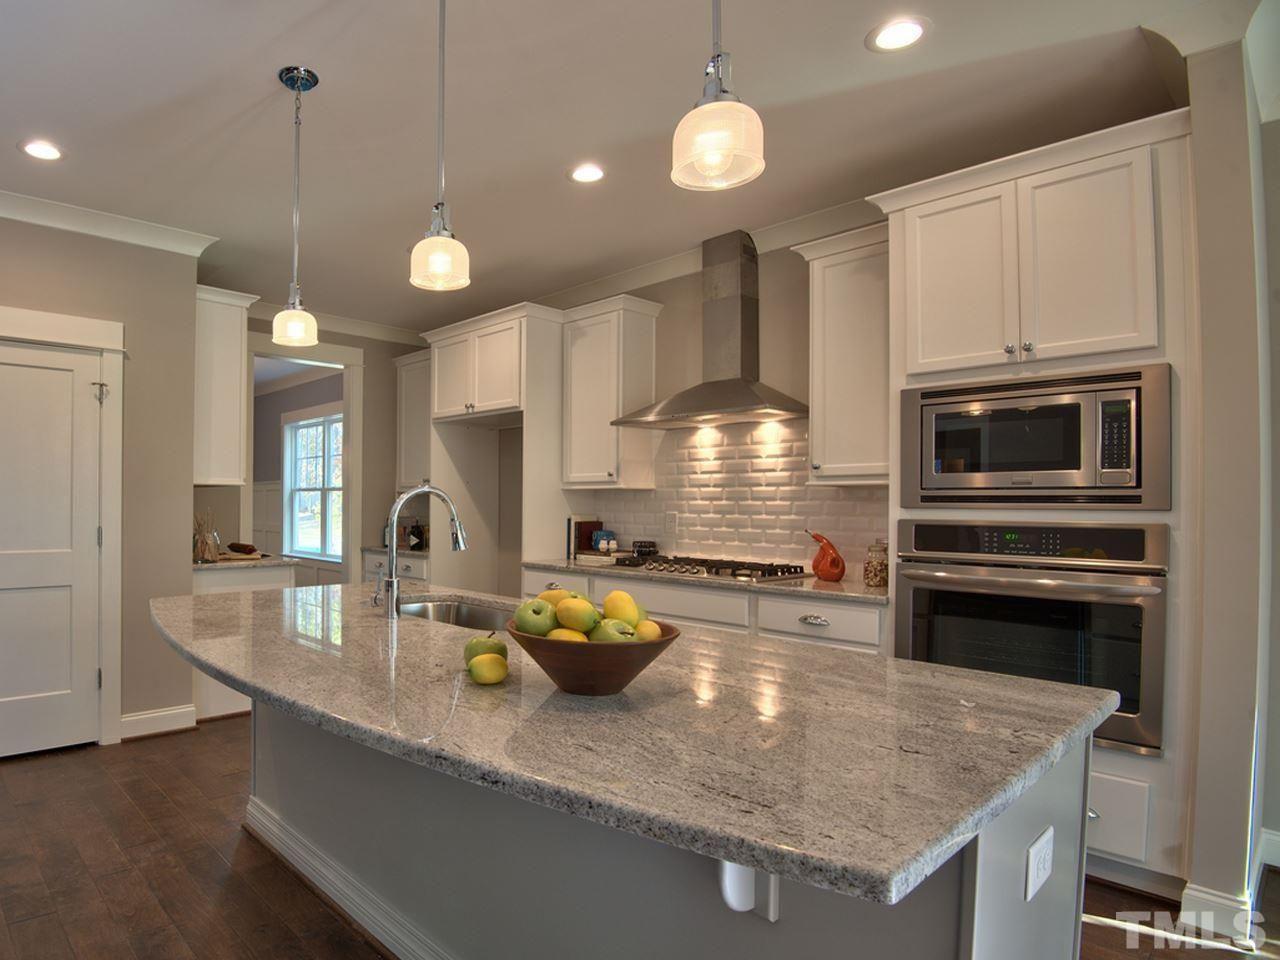 224 Kayleen Court Durham Nc 27713 Home Builders Home Kitchen